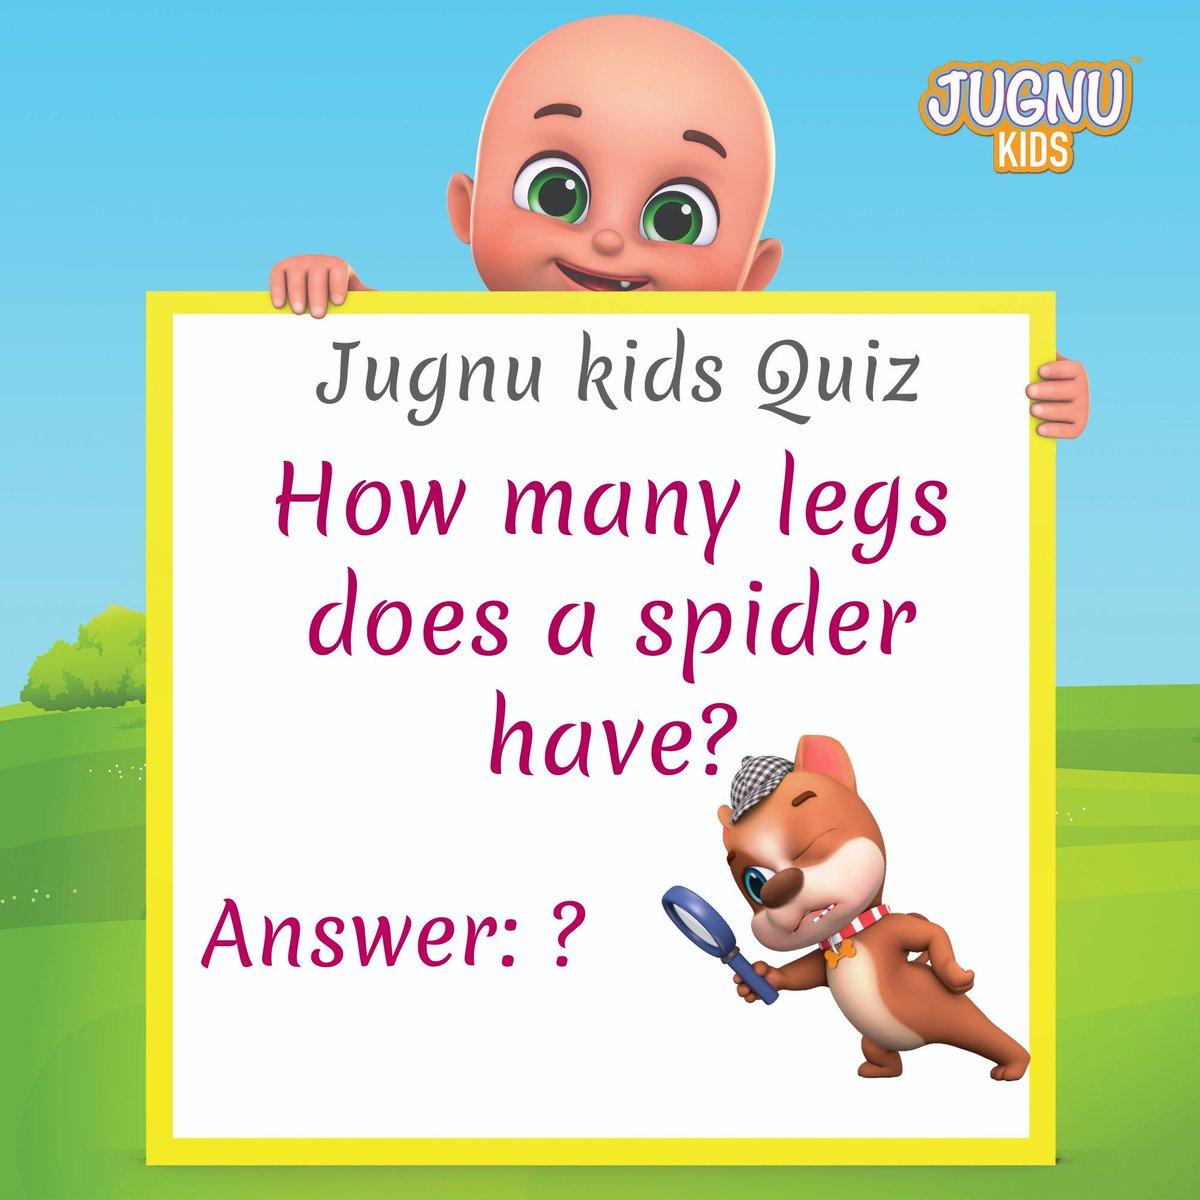 Jugnu Kids on Twitter: